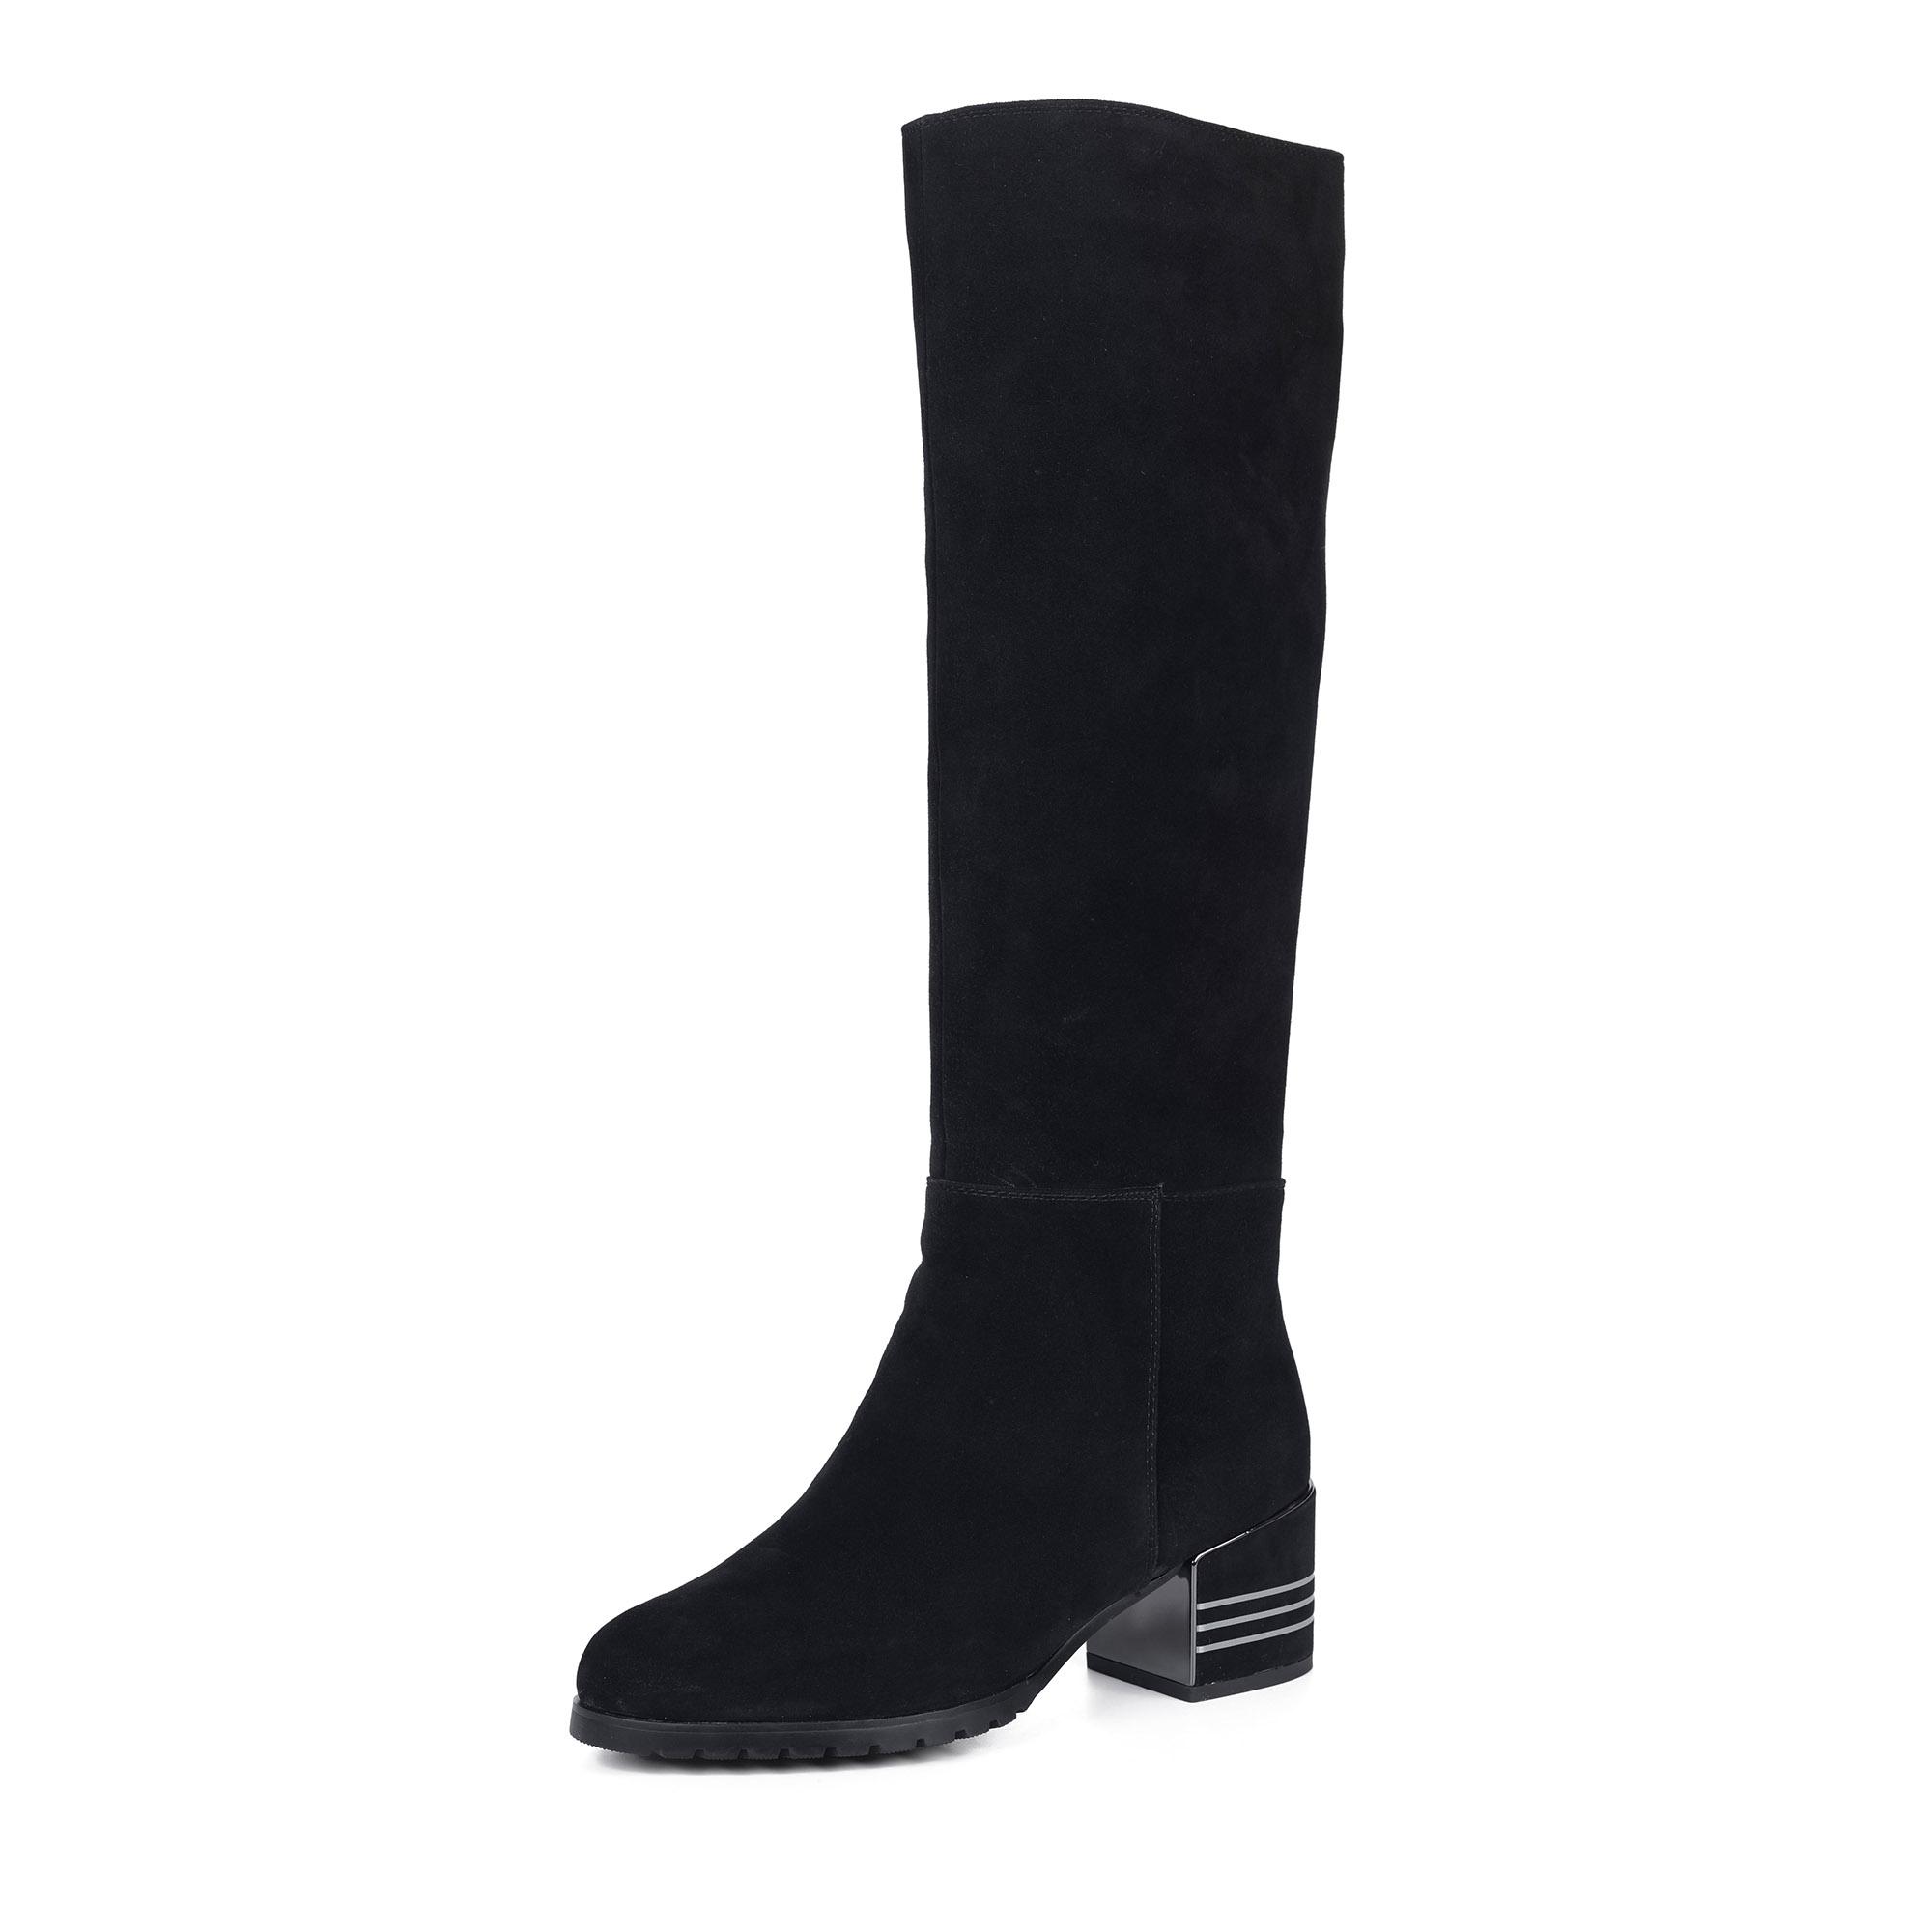 Черные сапоги на среднем декорированном каблуке